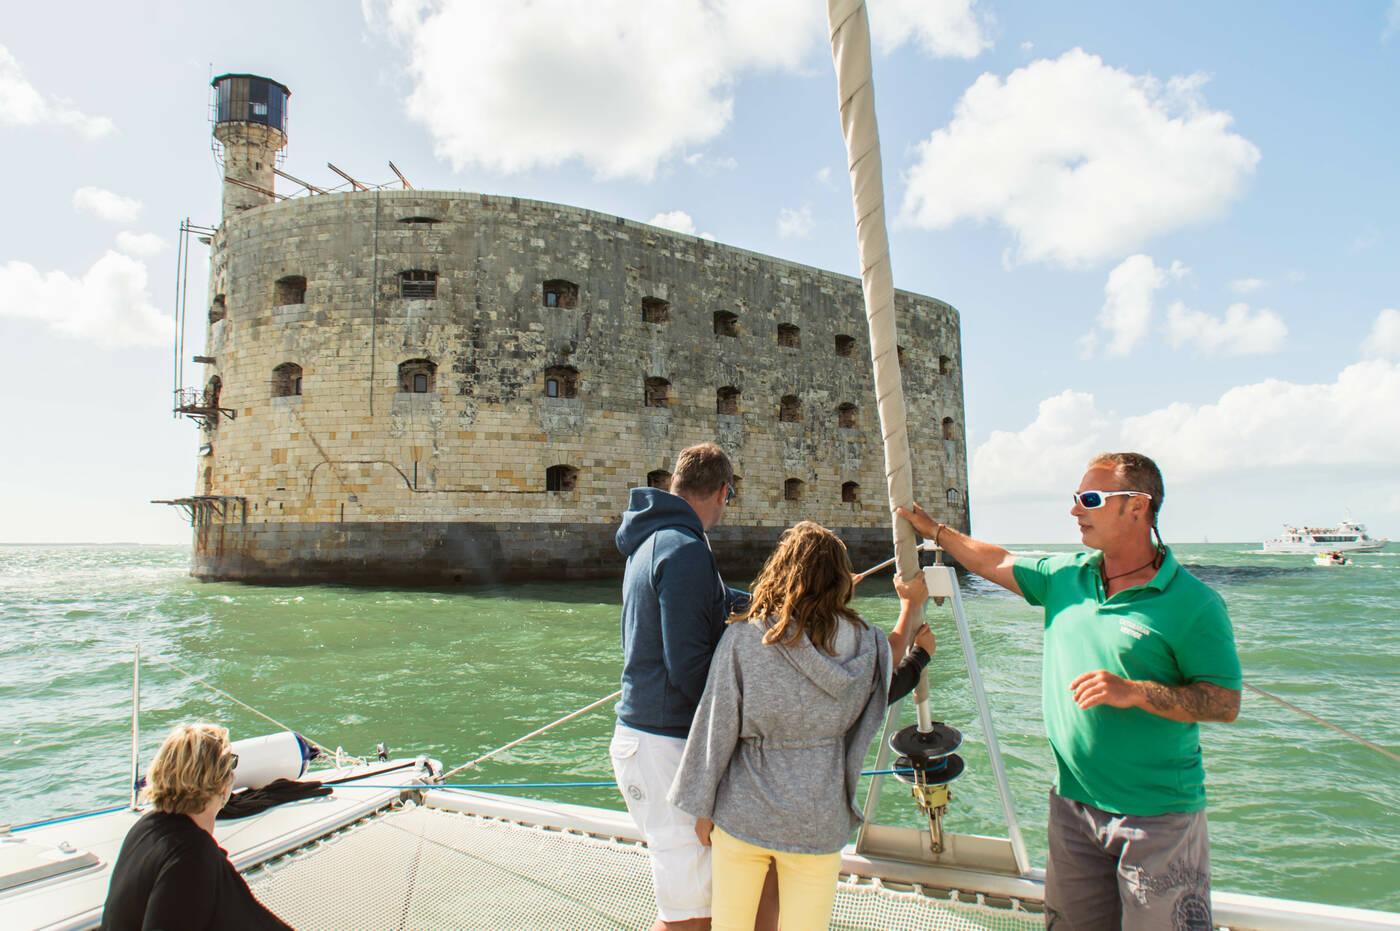 Le tour du fort boyard en bateau rochefort oc an office de tourisme de rochefort oc an - Office du tourisme de rochefort ...